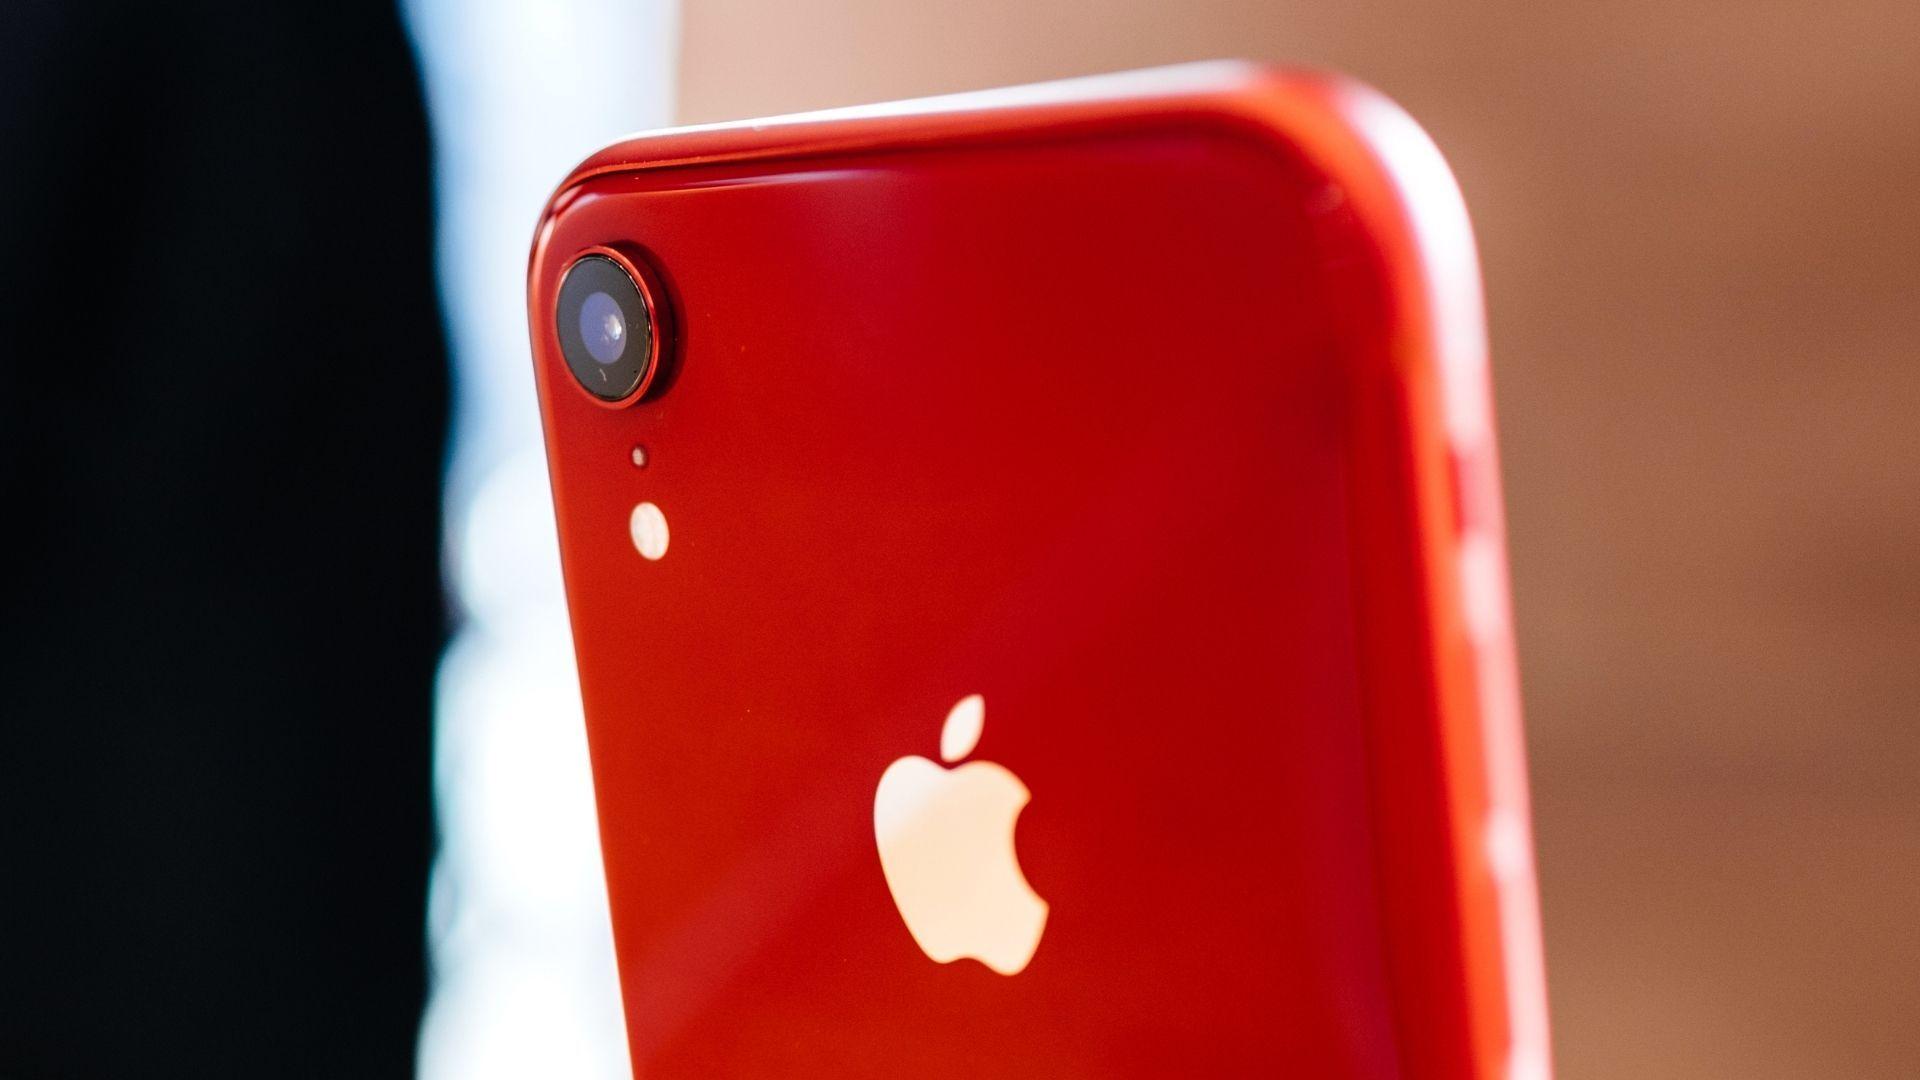 O iPhone XR só tem uma câmera, mas faz bonito na hora de tirar fotos (Foto: Hadrian / Shutterstock.com)